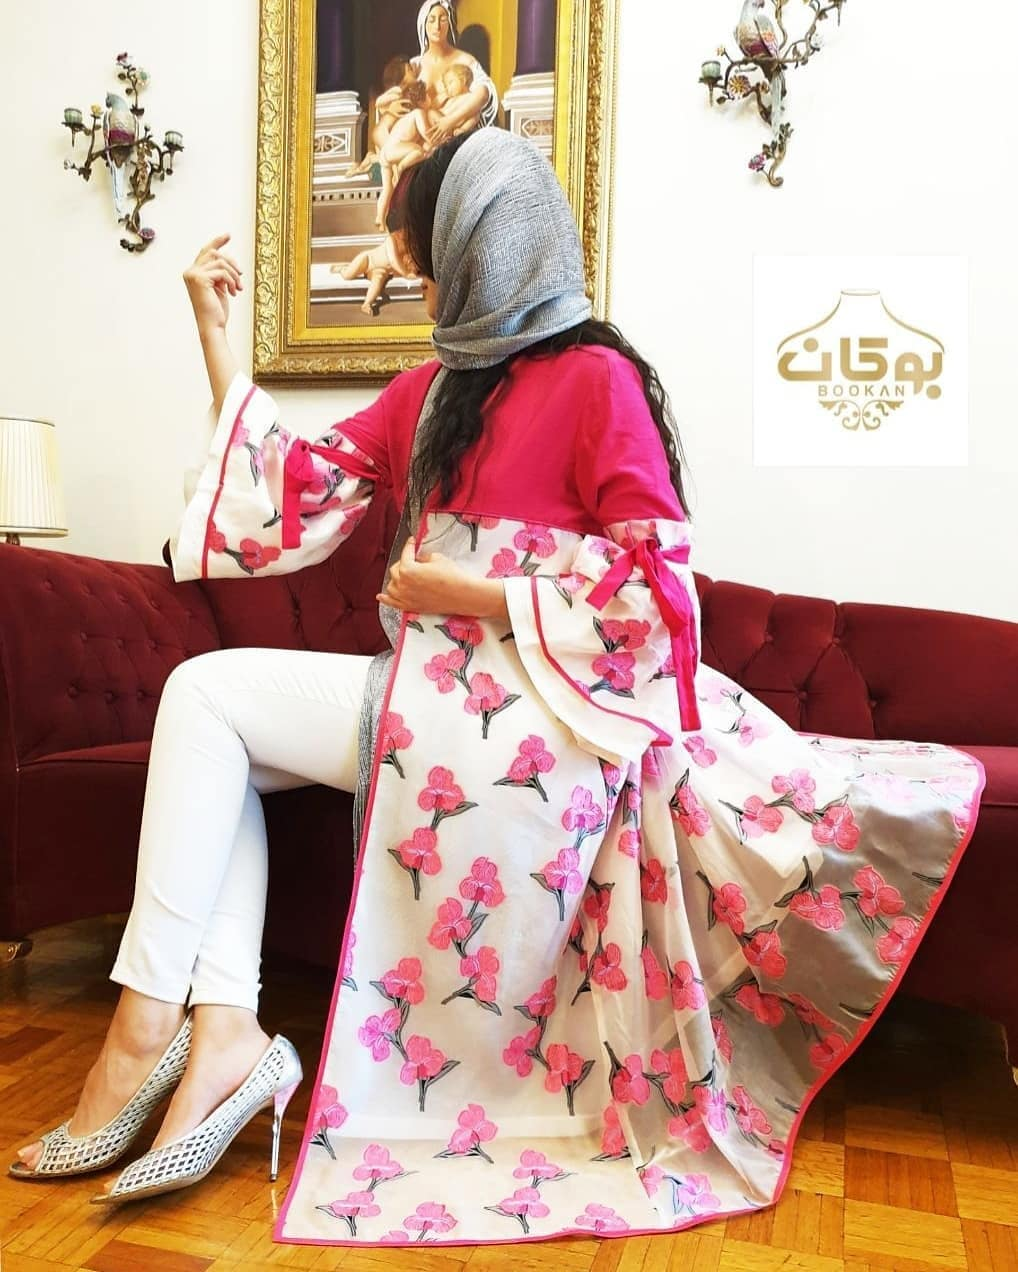 تصویر مدل مانتو دخترانه ۲۰۲۰ – ۹۹ | مانتو مجلسی بسیار شیک برای مهمانیها و مراسم